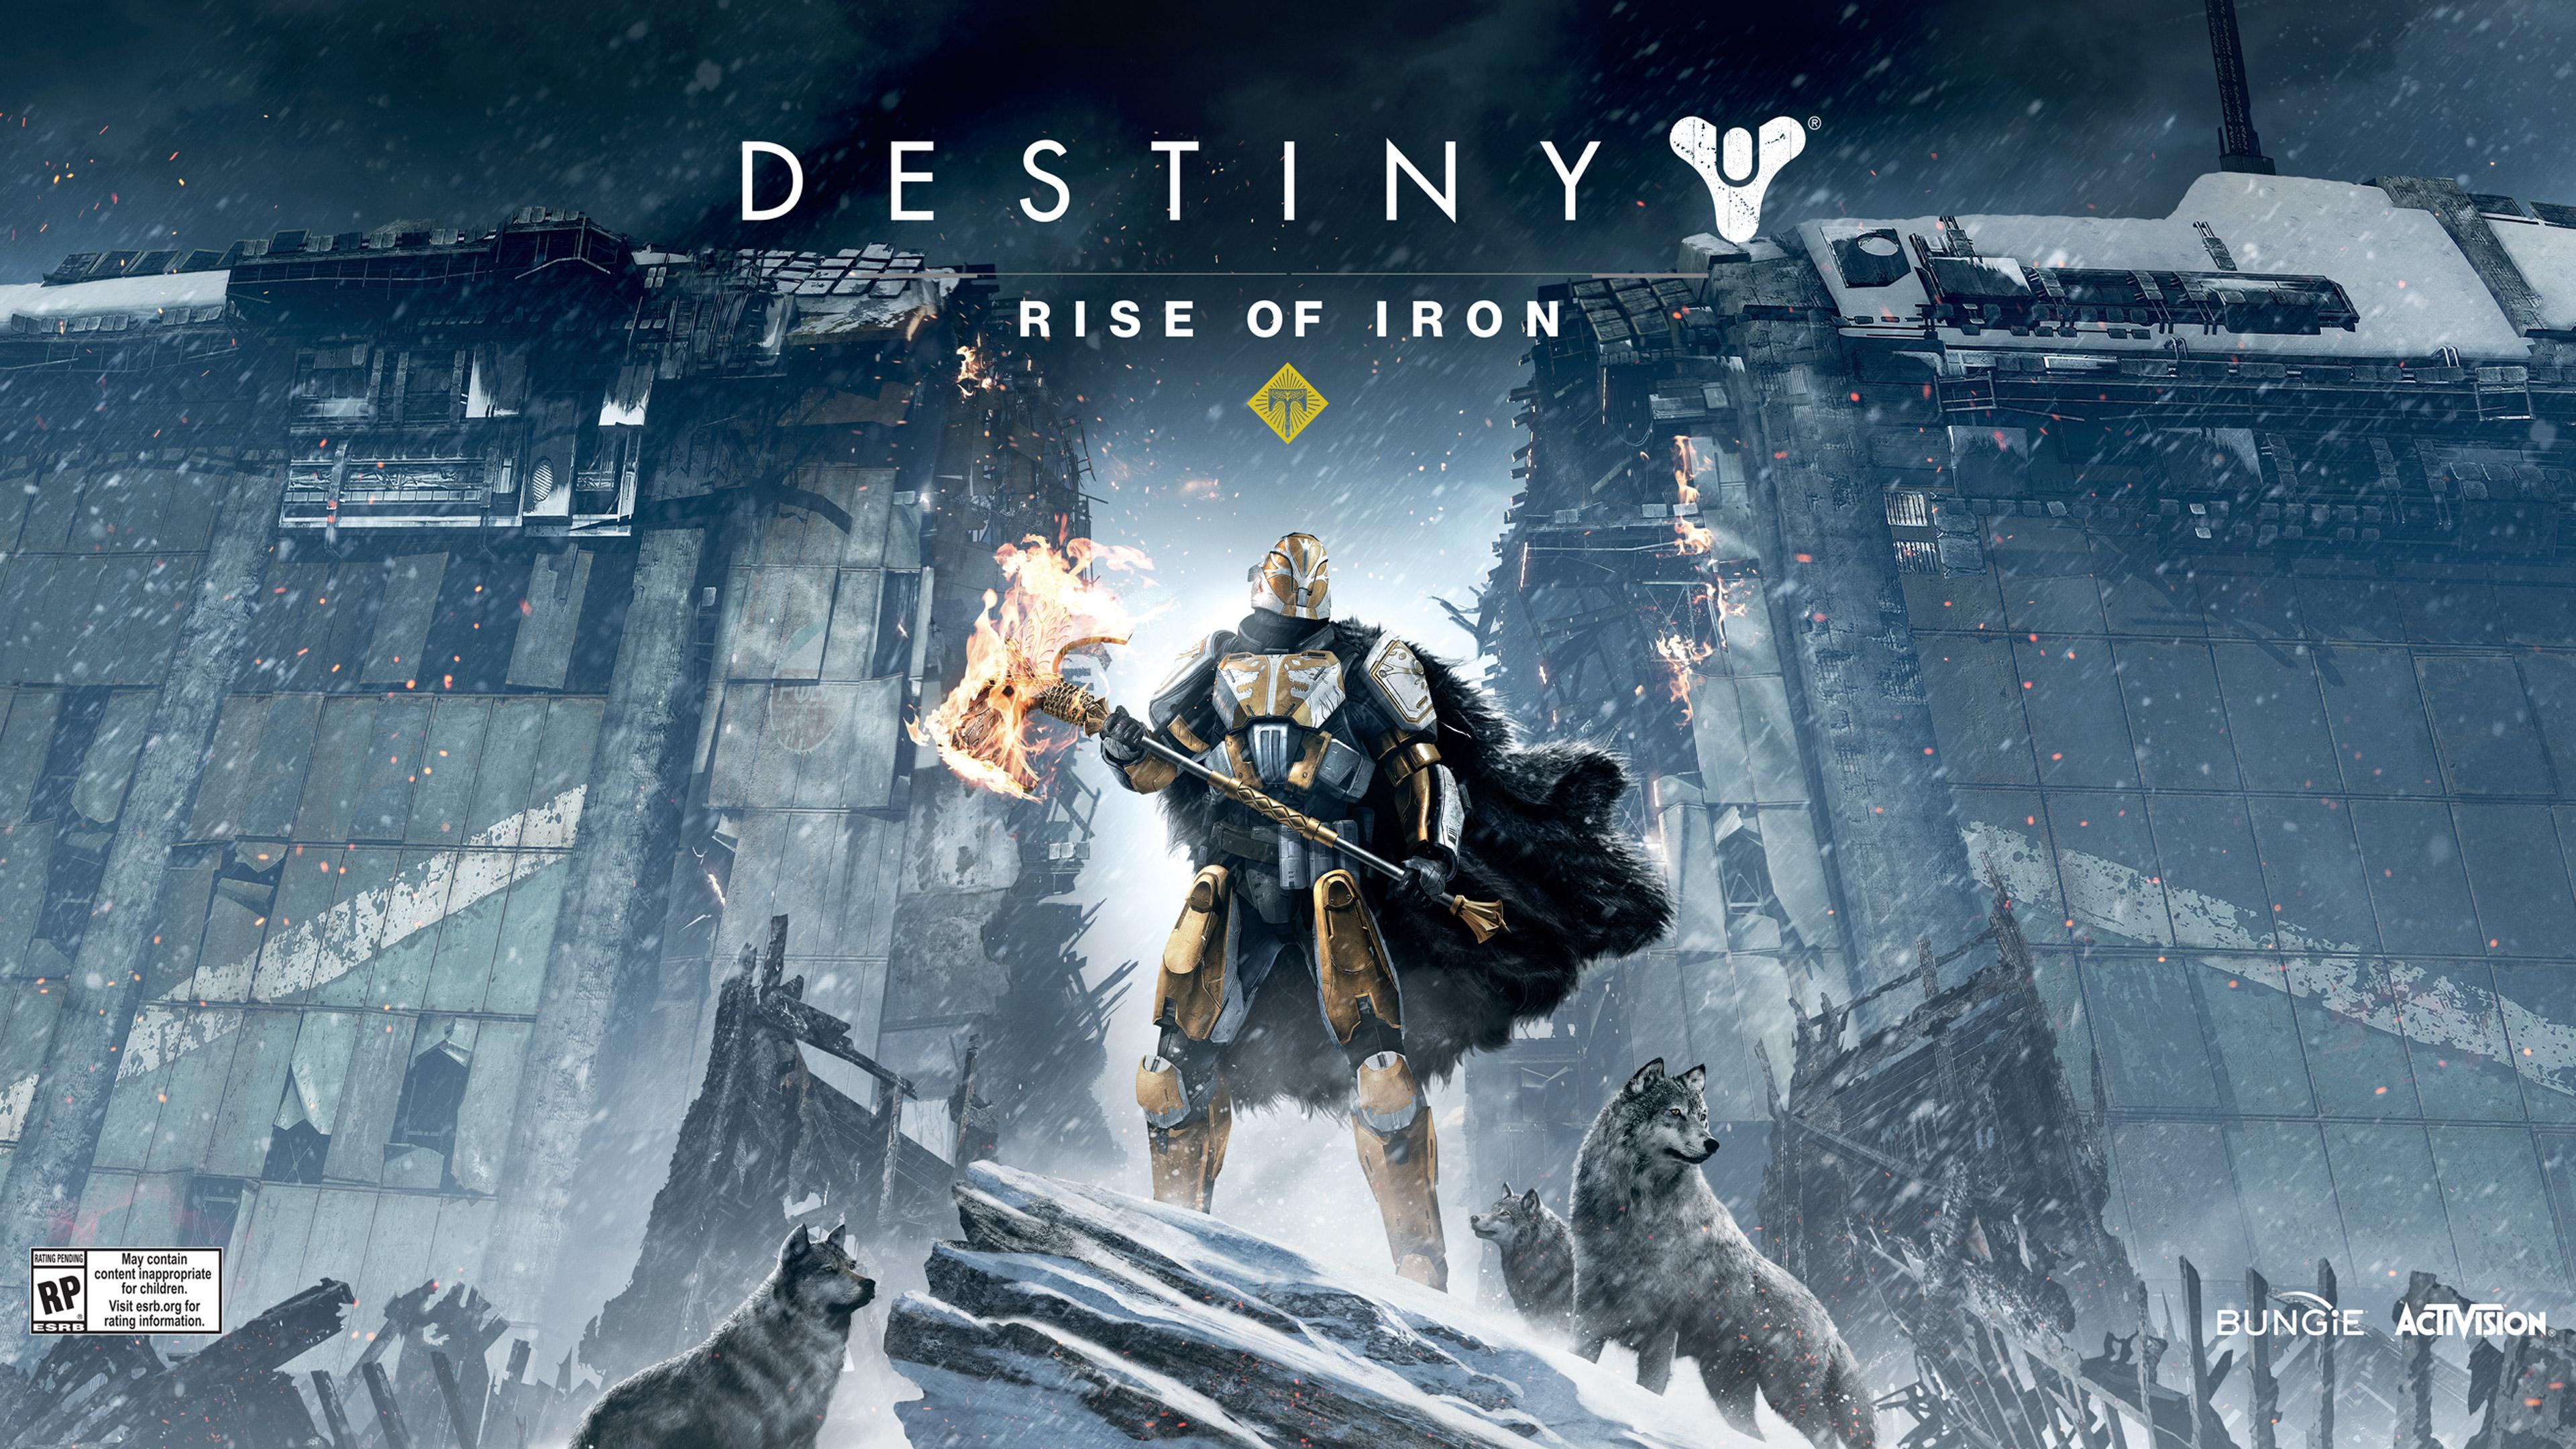 destiny game art 1536010144 - Destiny Game Art - games wallpapers, destiny wallpapers, destiny rise of iron wallpapers, artwork wallpapers, 2016 games wallpapers